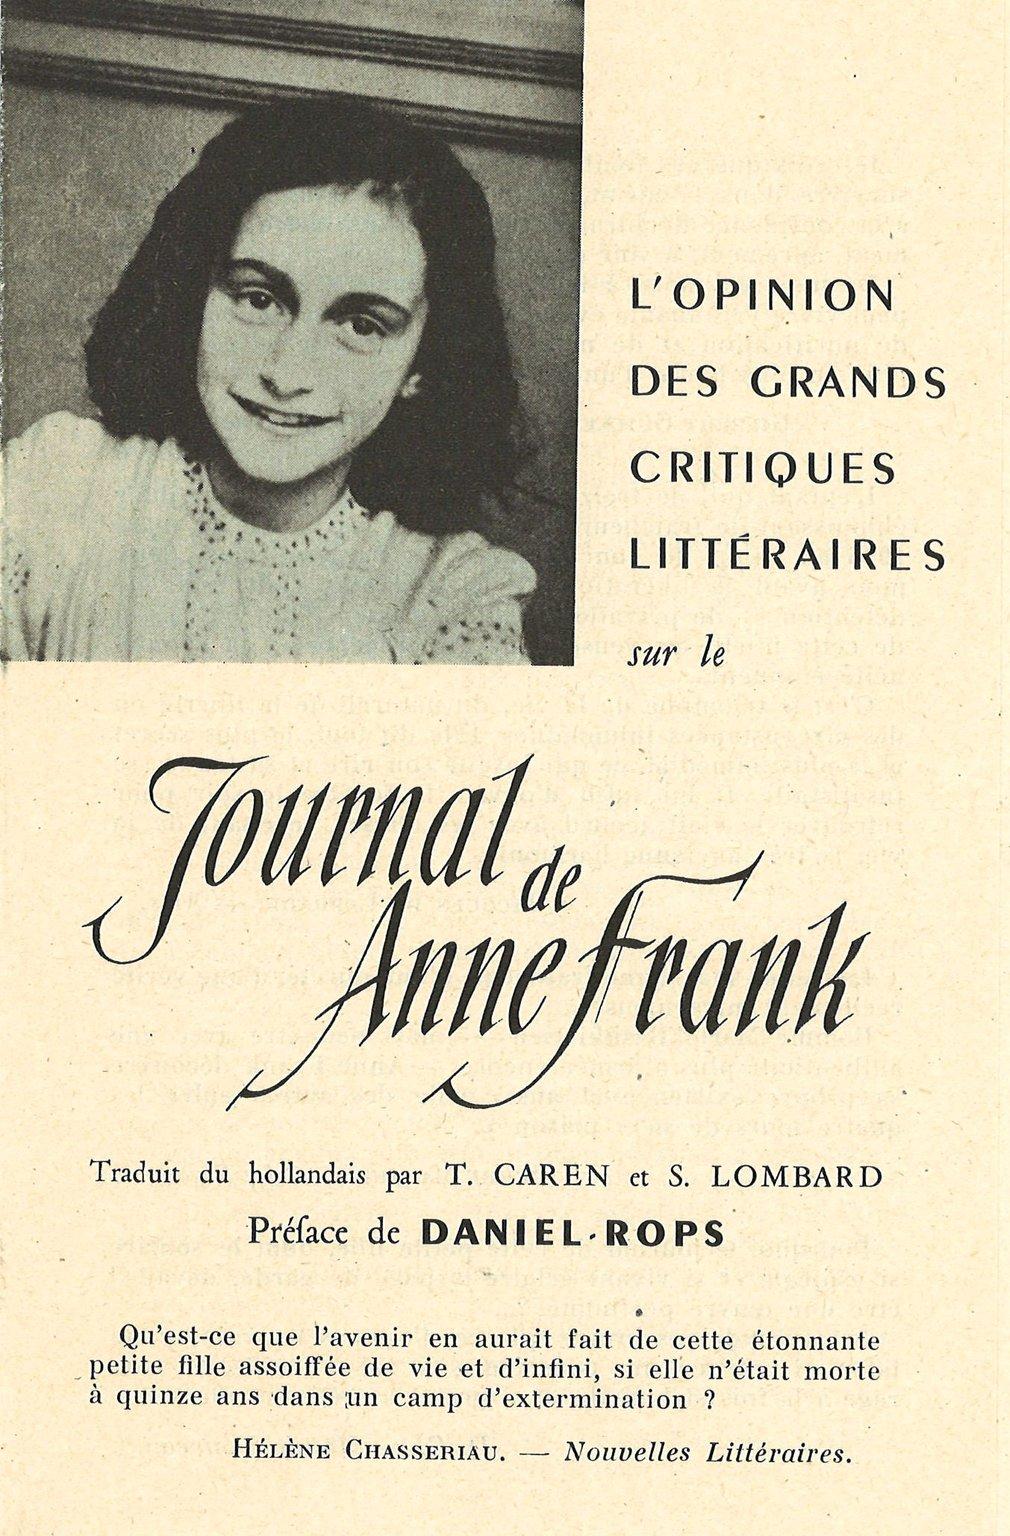 Folder uit 1951 waarin Franse critici hun mening geven over het dagboek van Anne Frank.